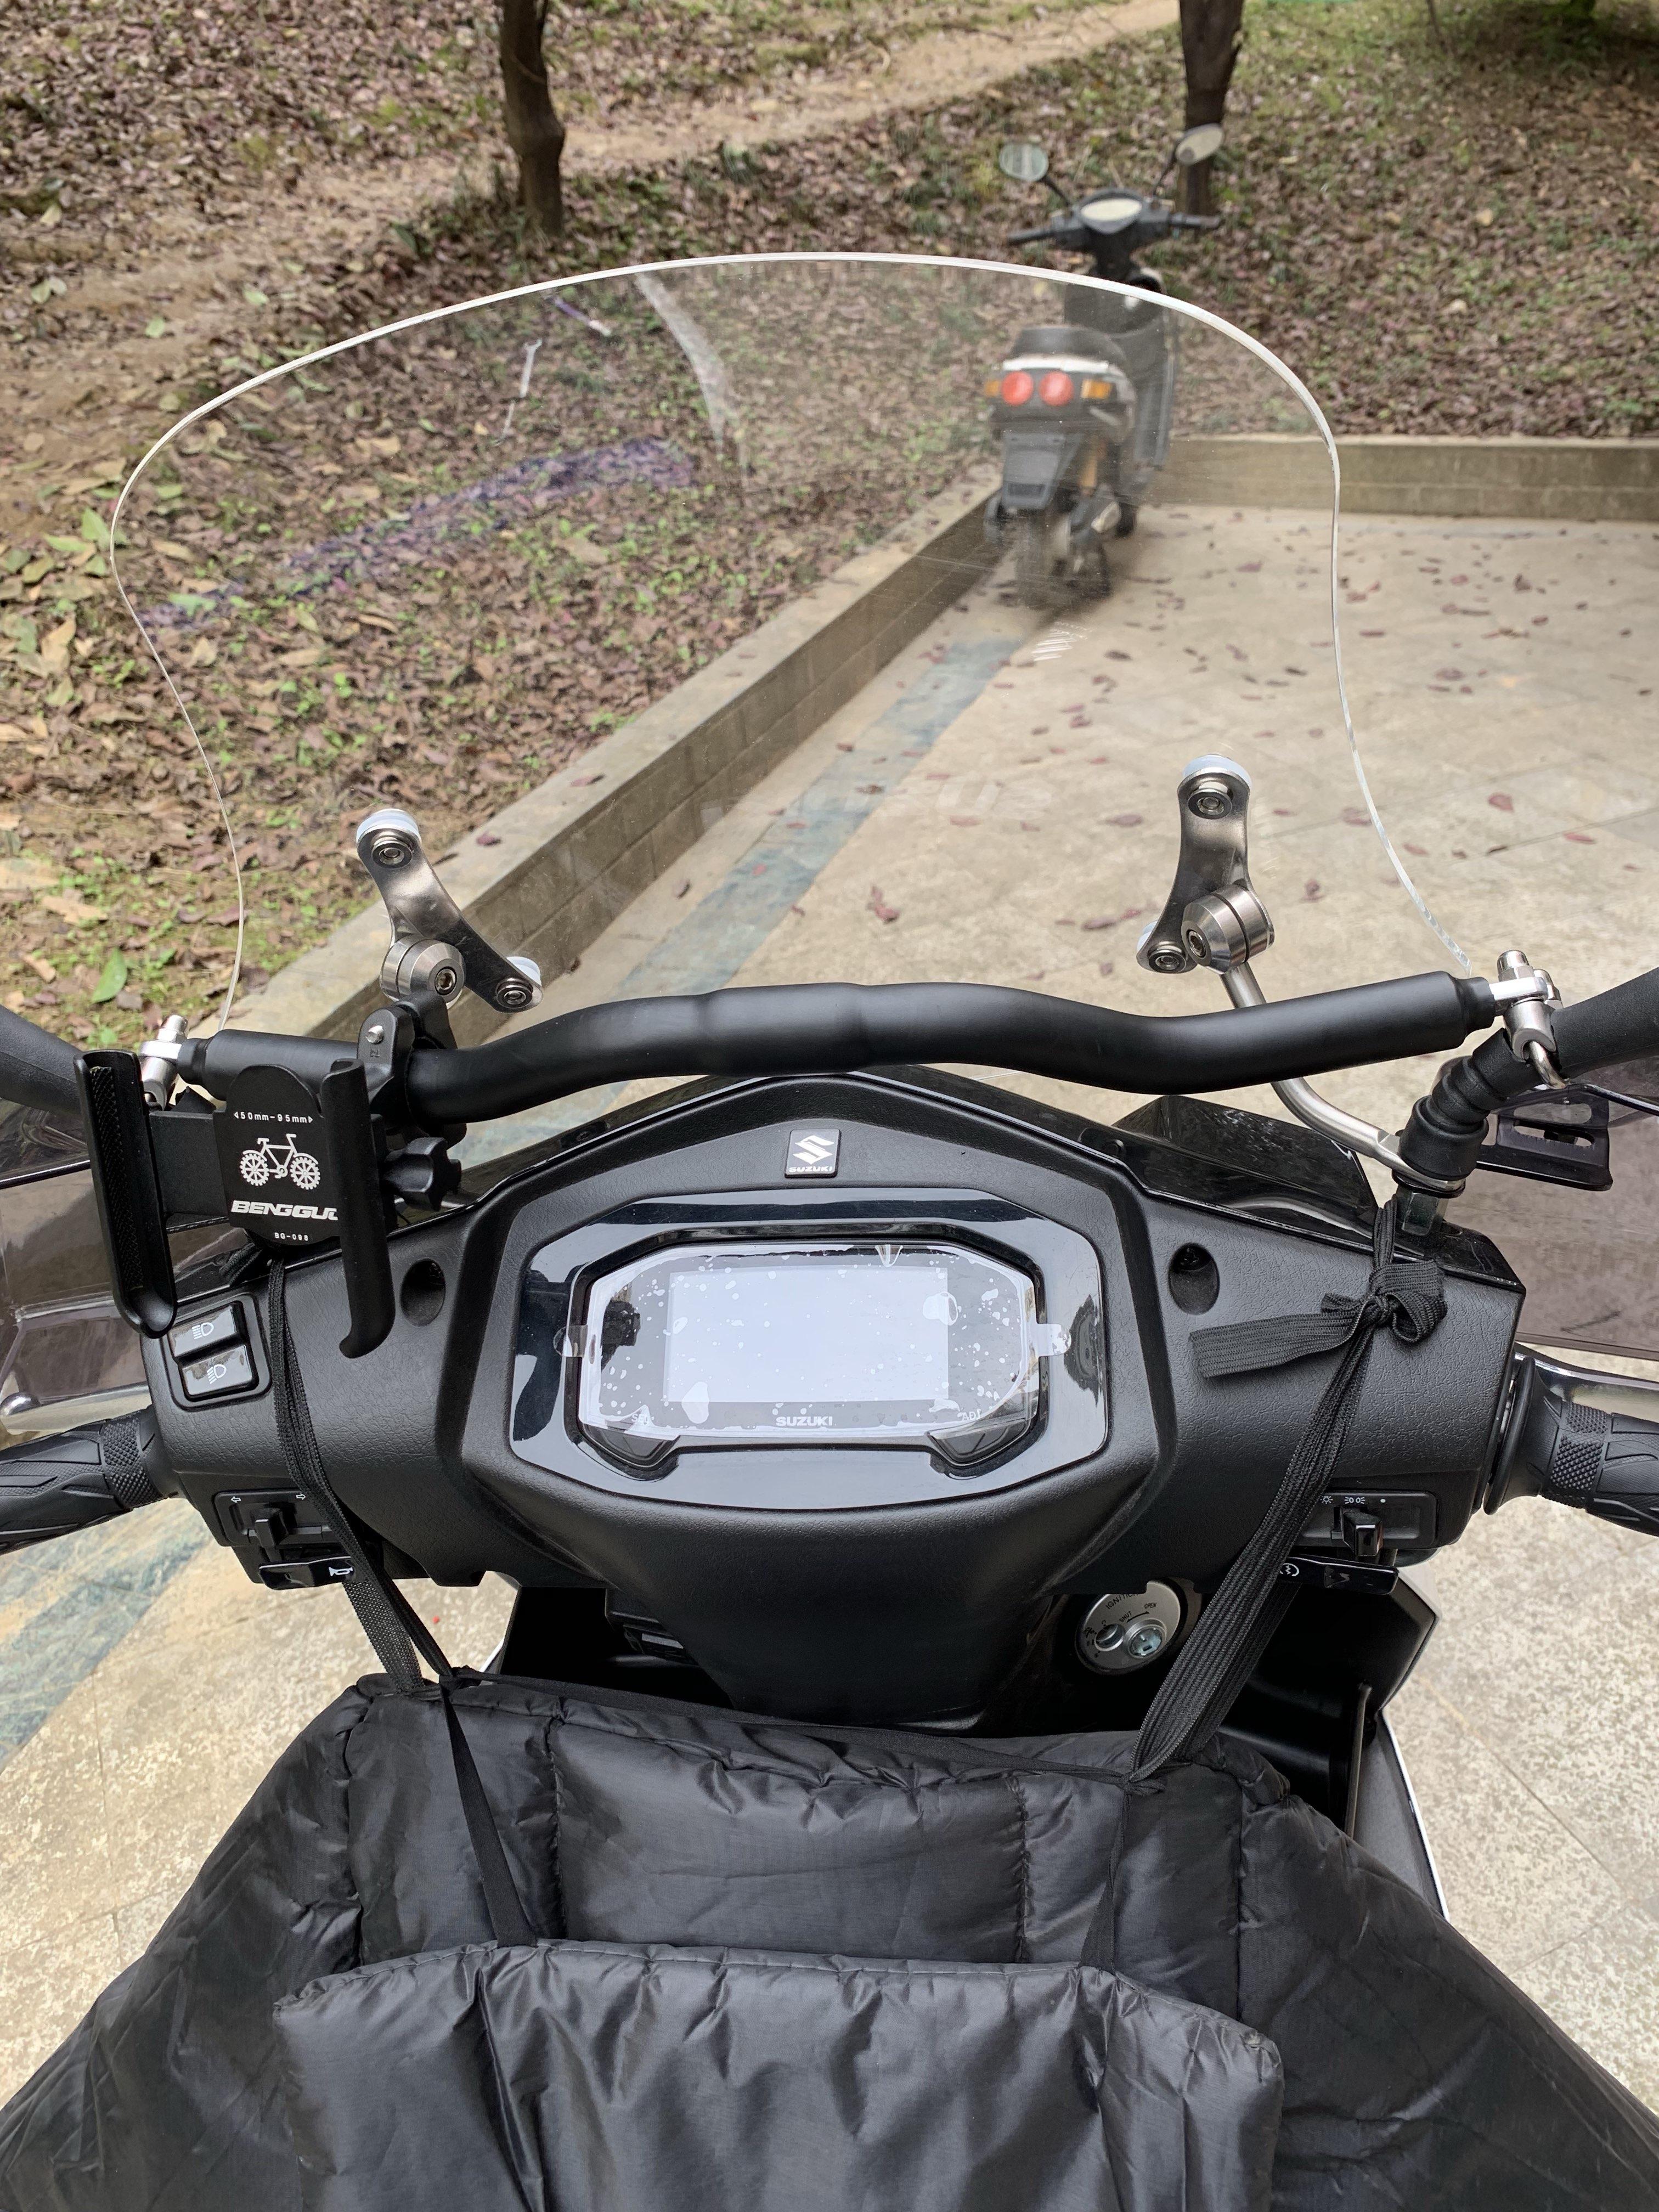 UU125车头支架踏板摩托车改装配件UY125手机导航支架平衡杆 - 封面